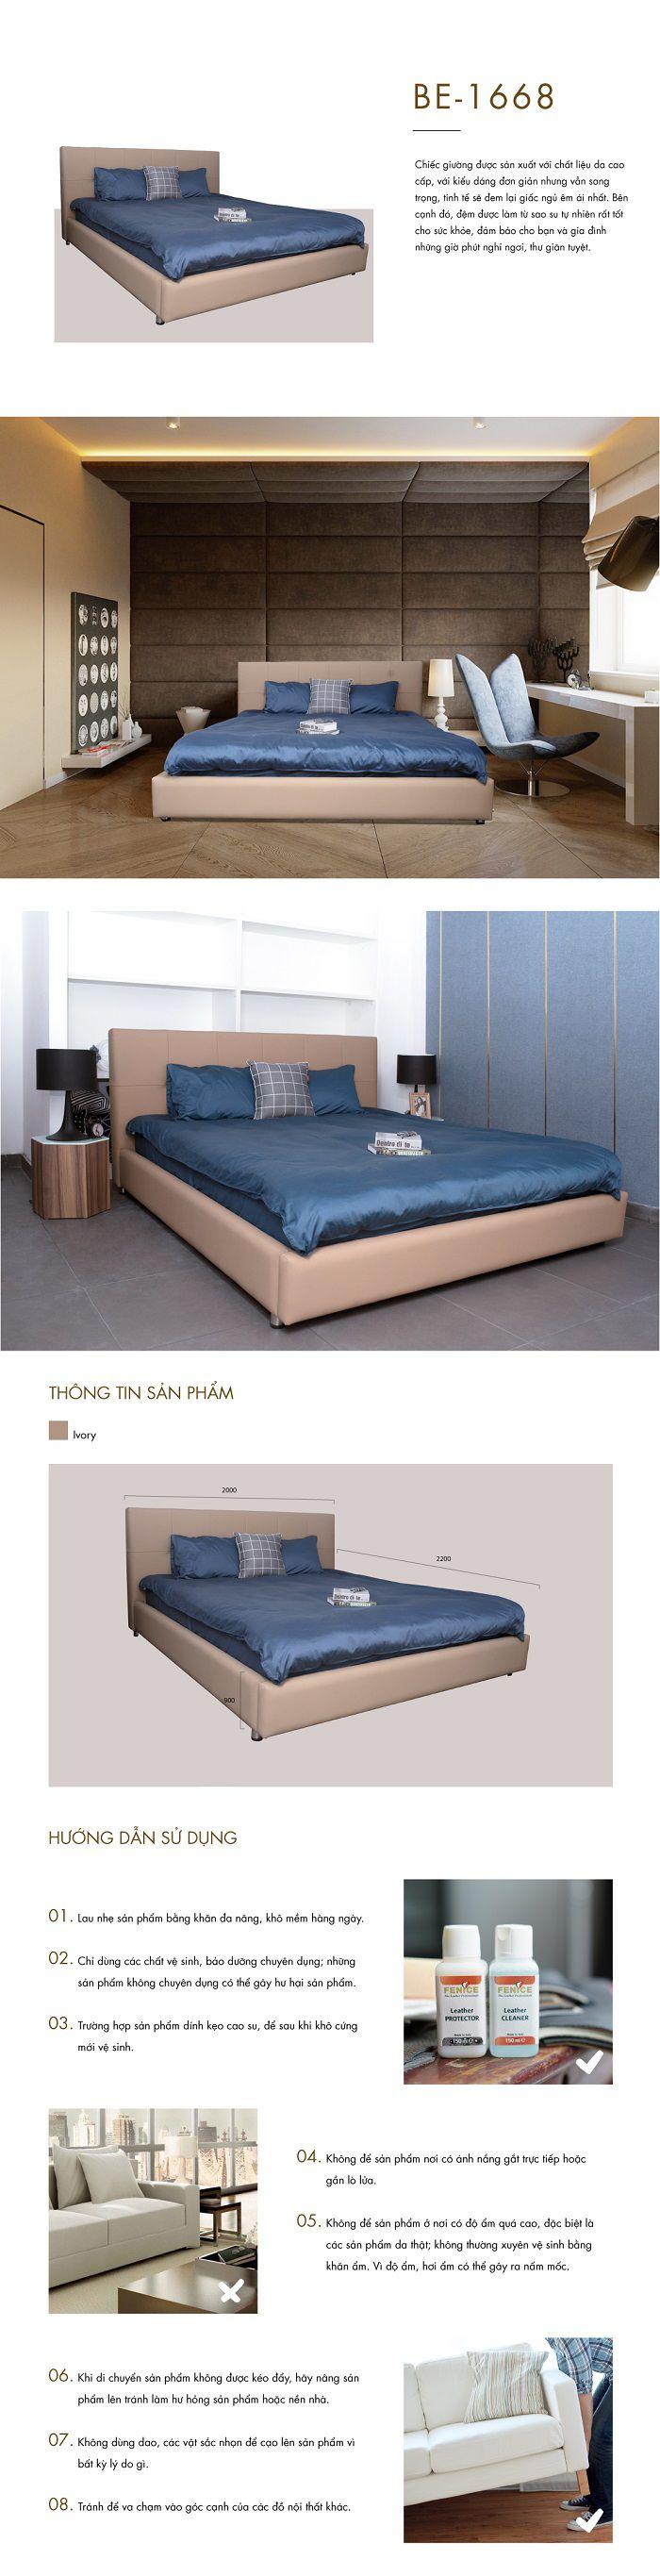 Giường BE 1668 kích thước nệm lớn